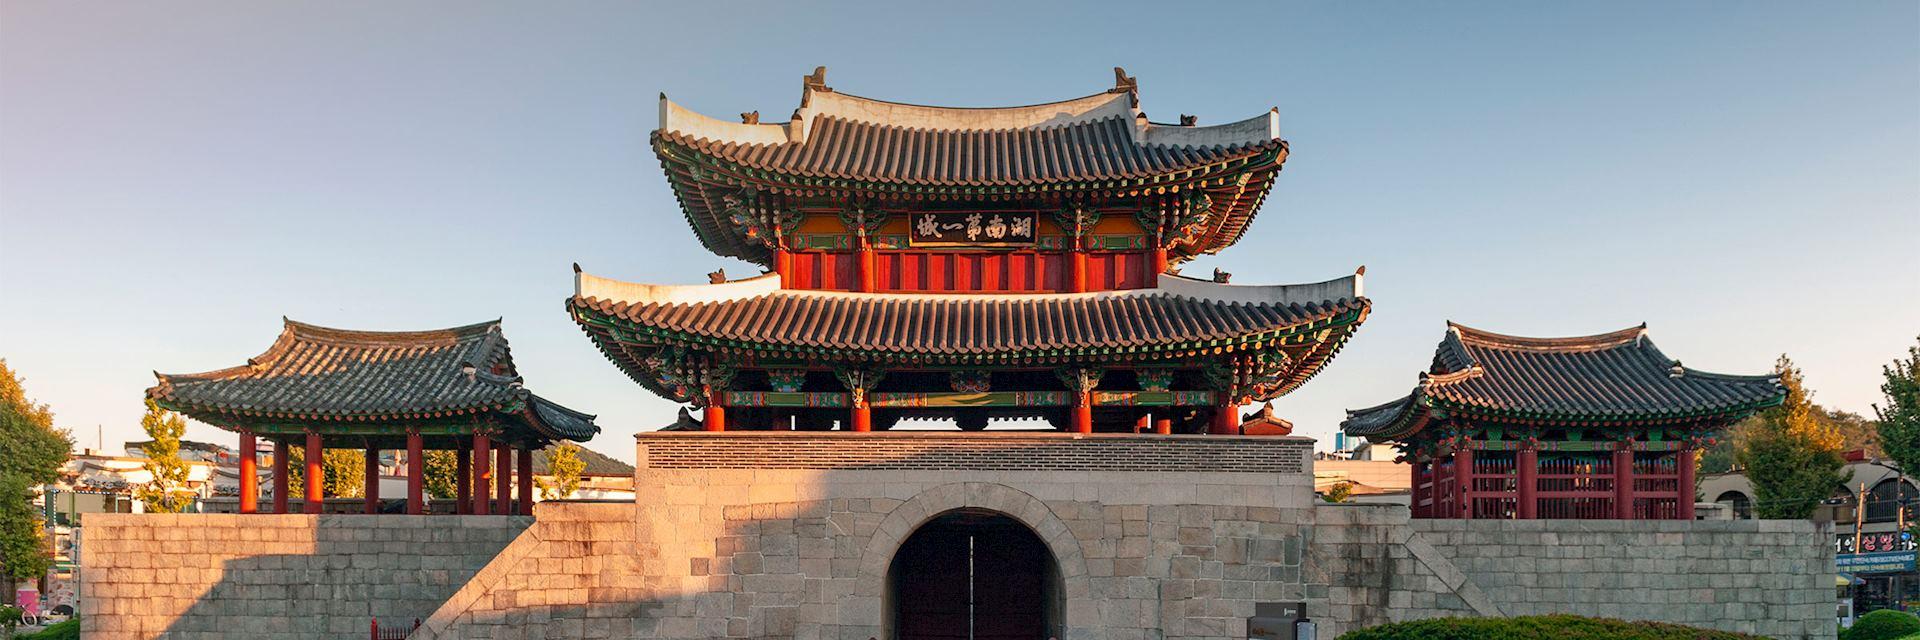 Pungnammu Gate, Jeonju